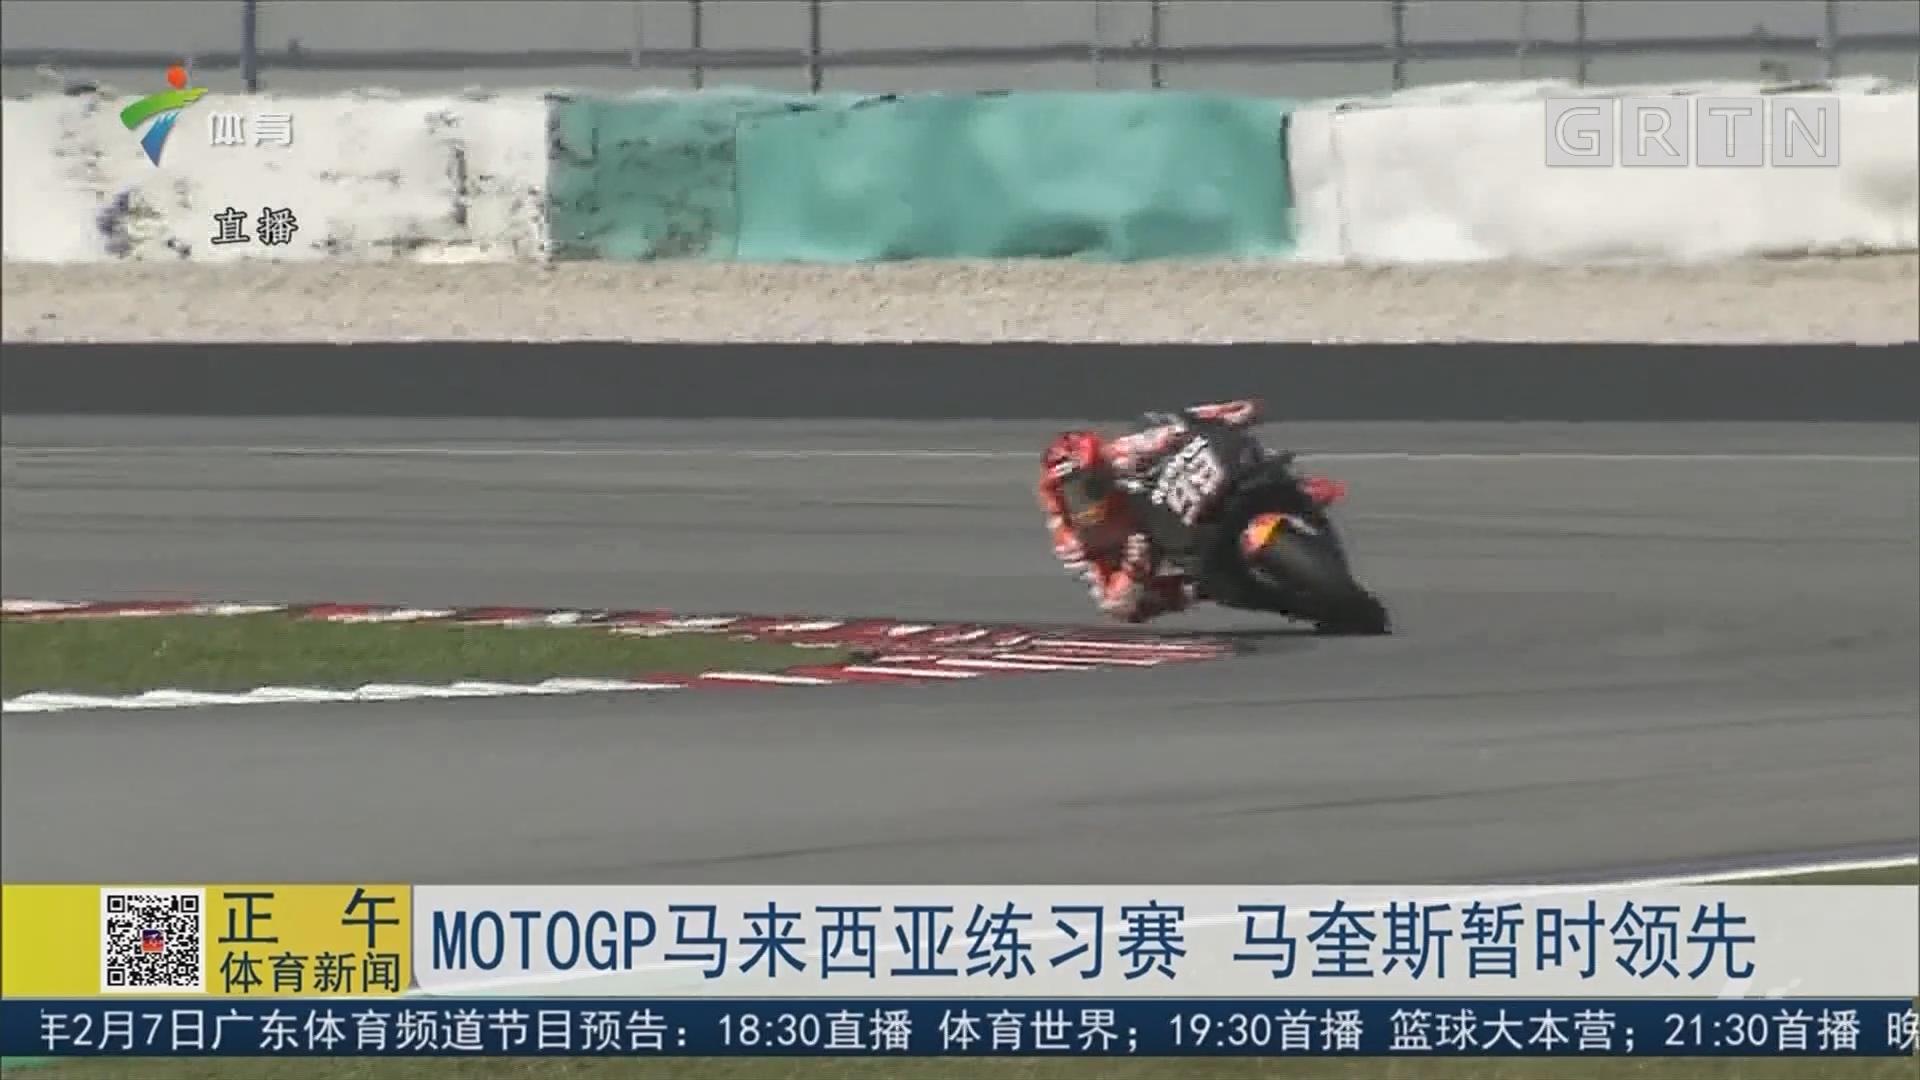 MOTOGP马来西亚练习赛 马奎斯暂时领先